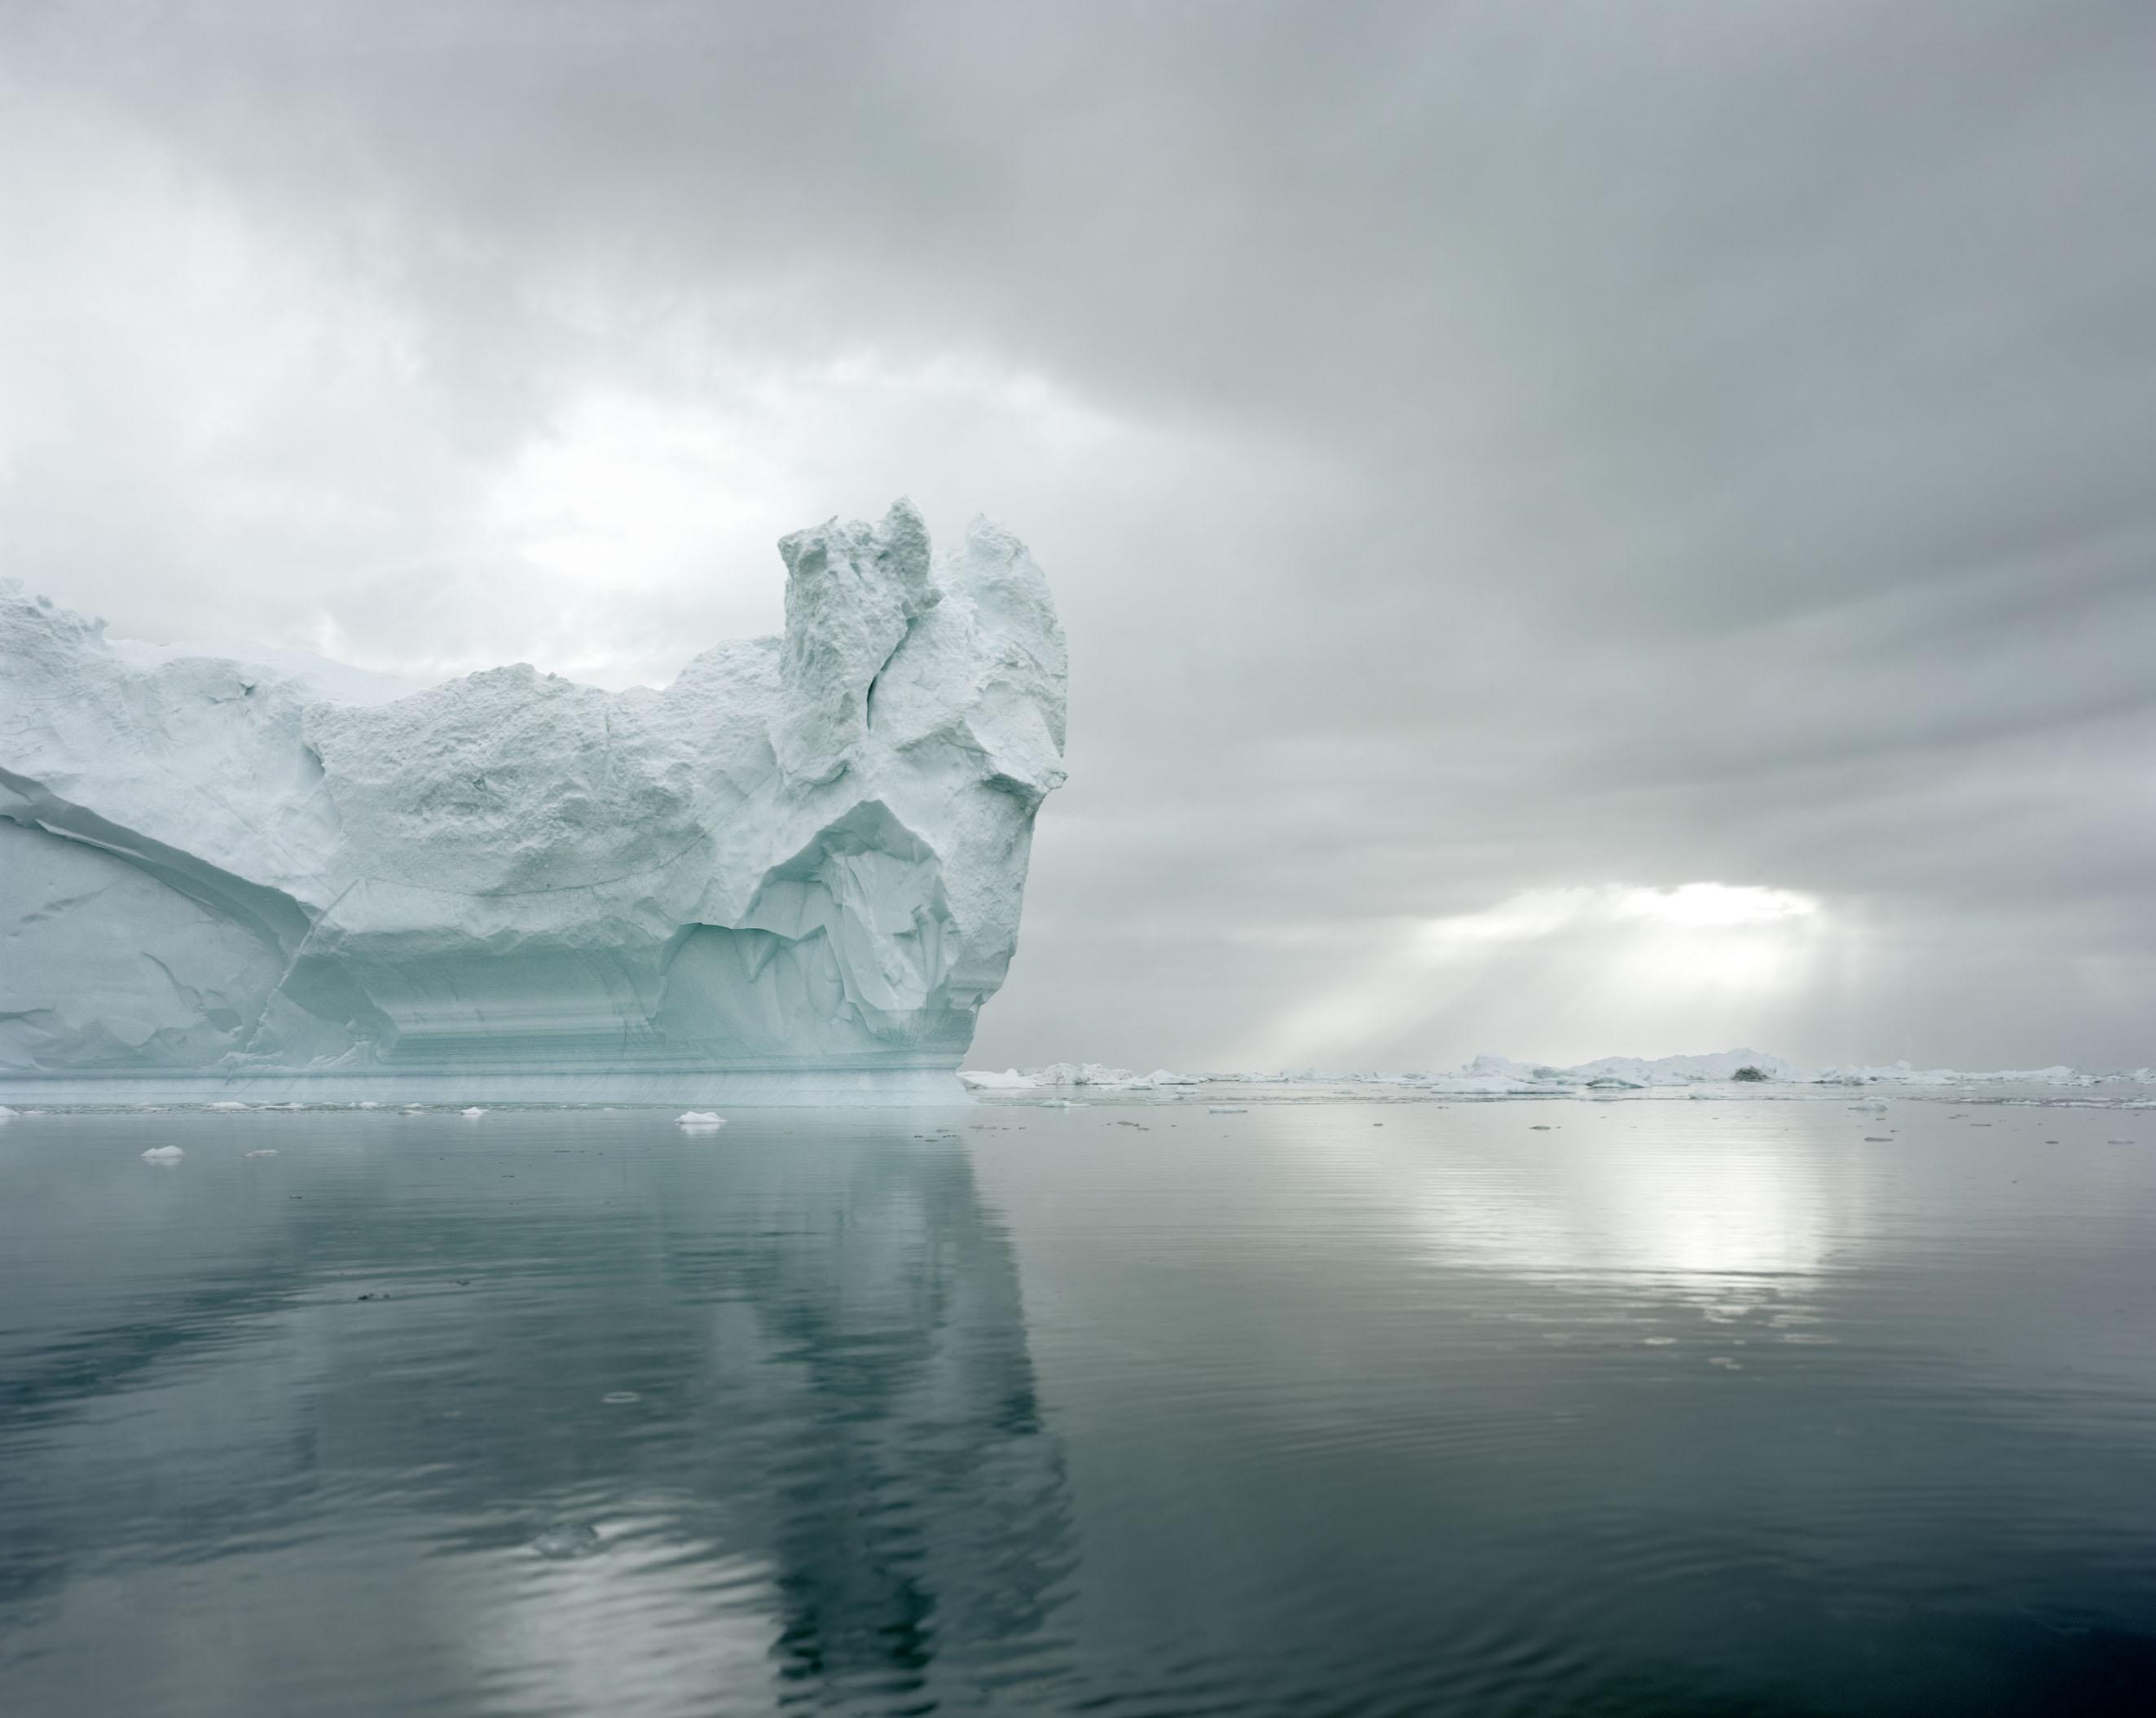 incontri Groenlandia Tao che risale voci